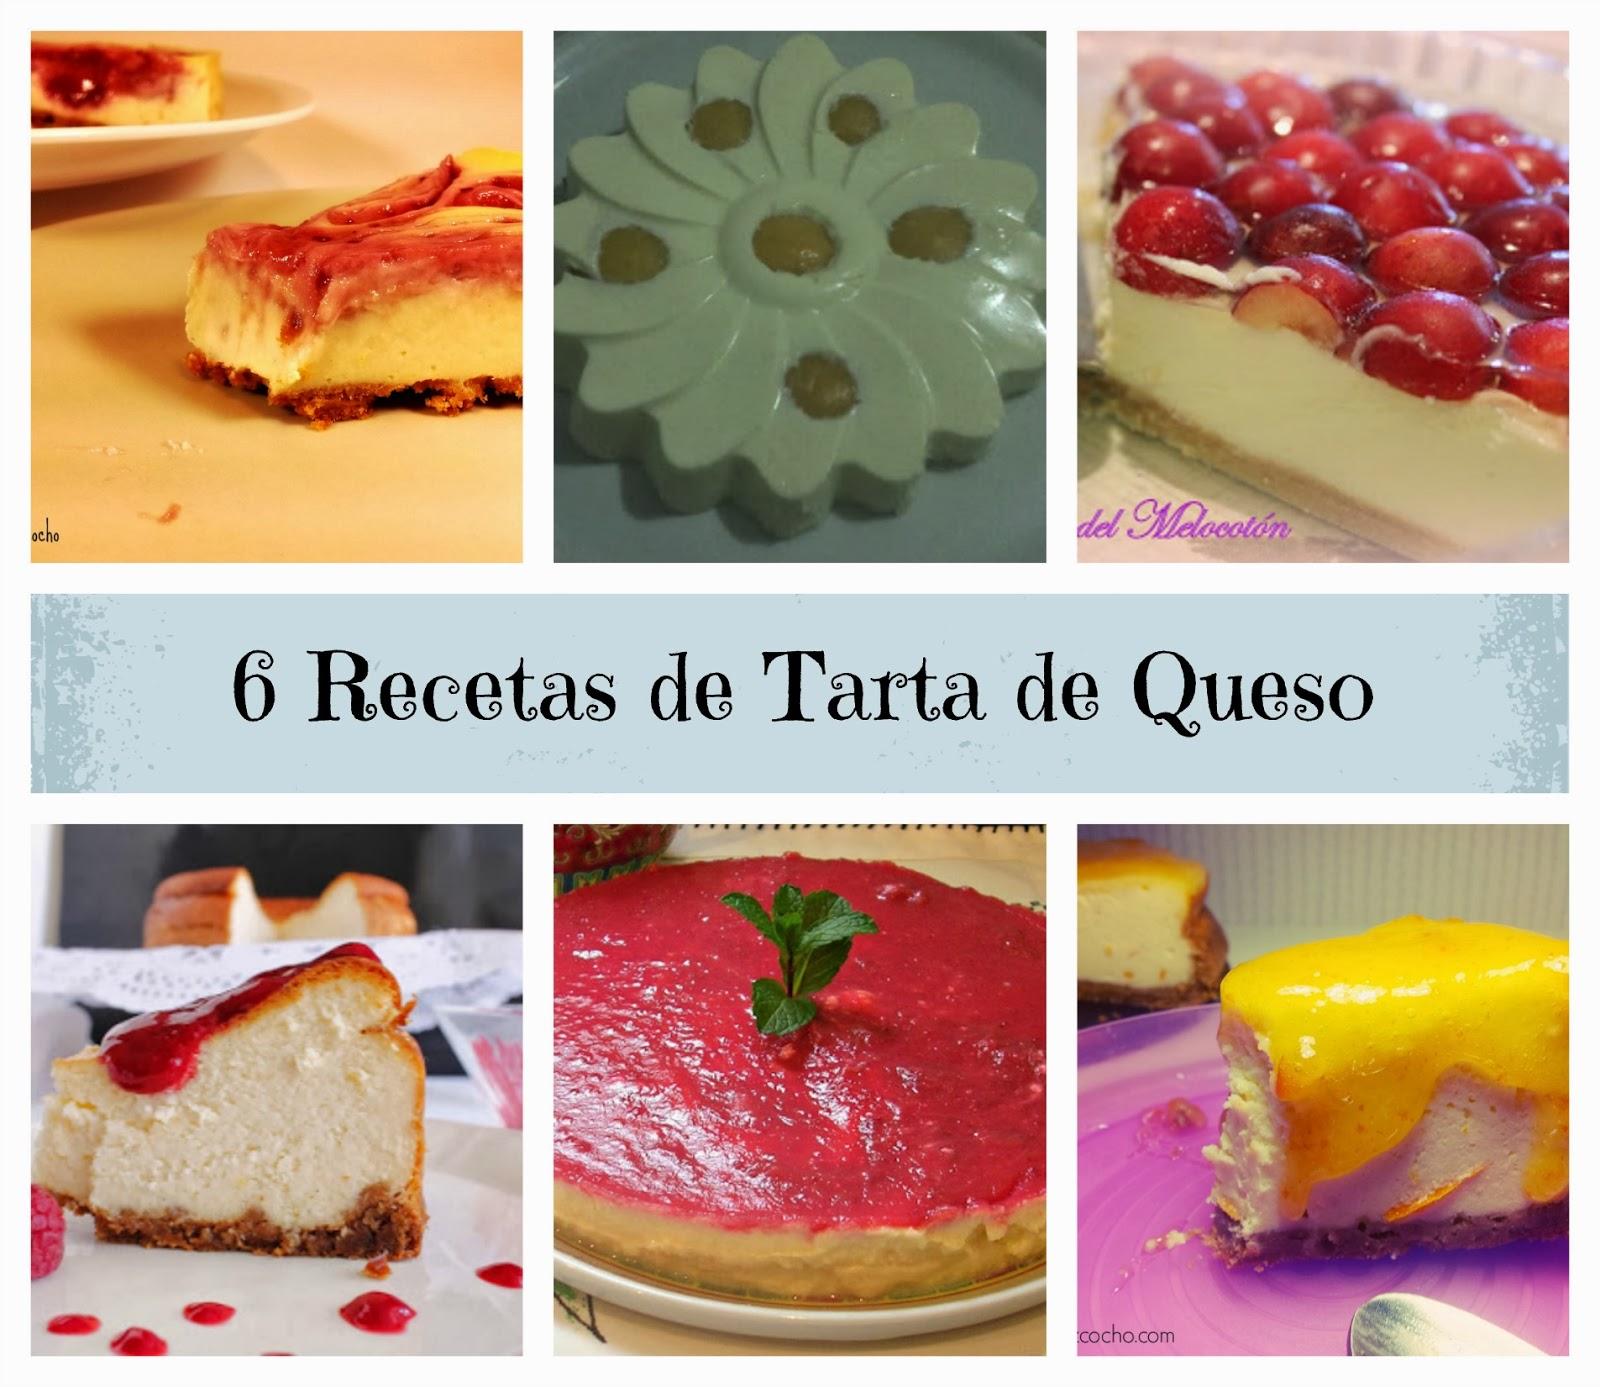 Recetas de tarta de queso